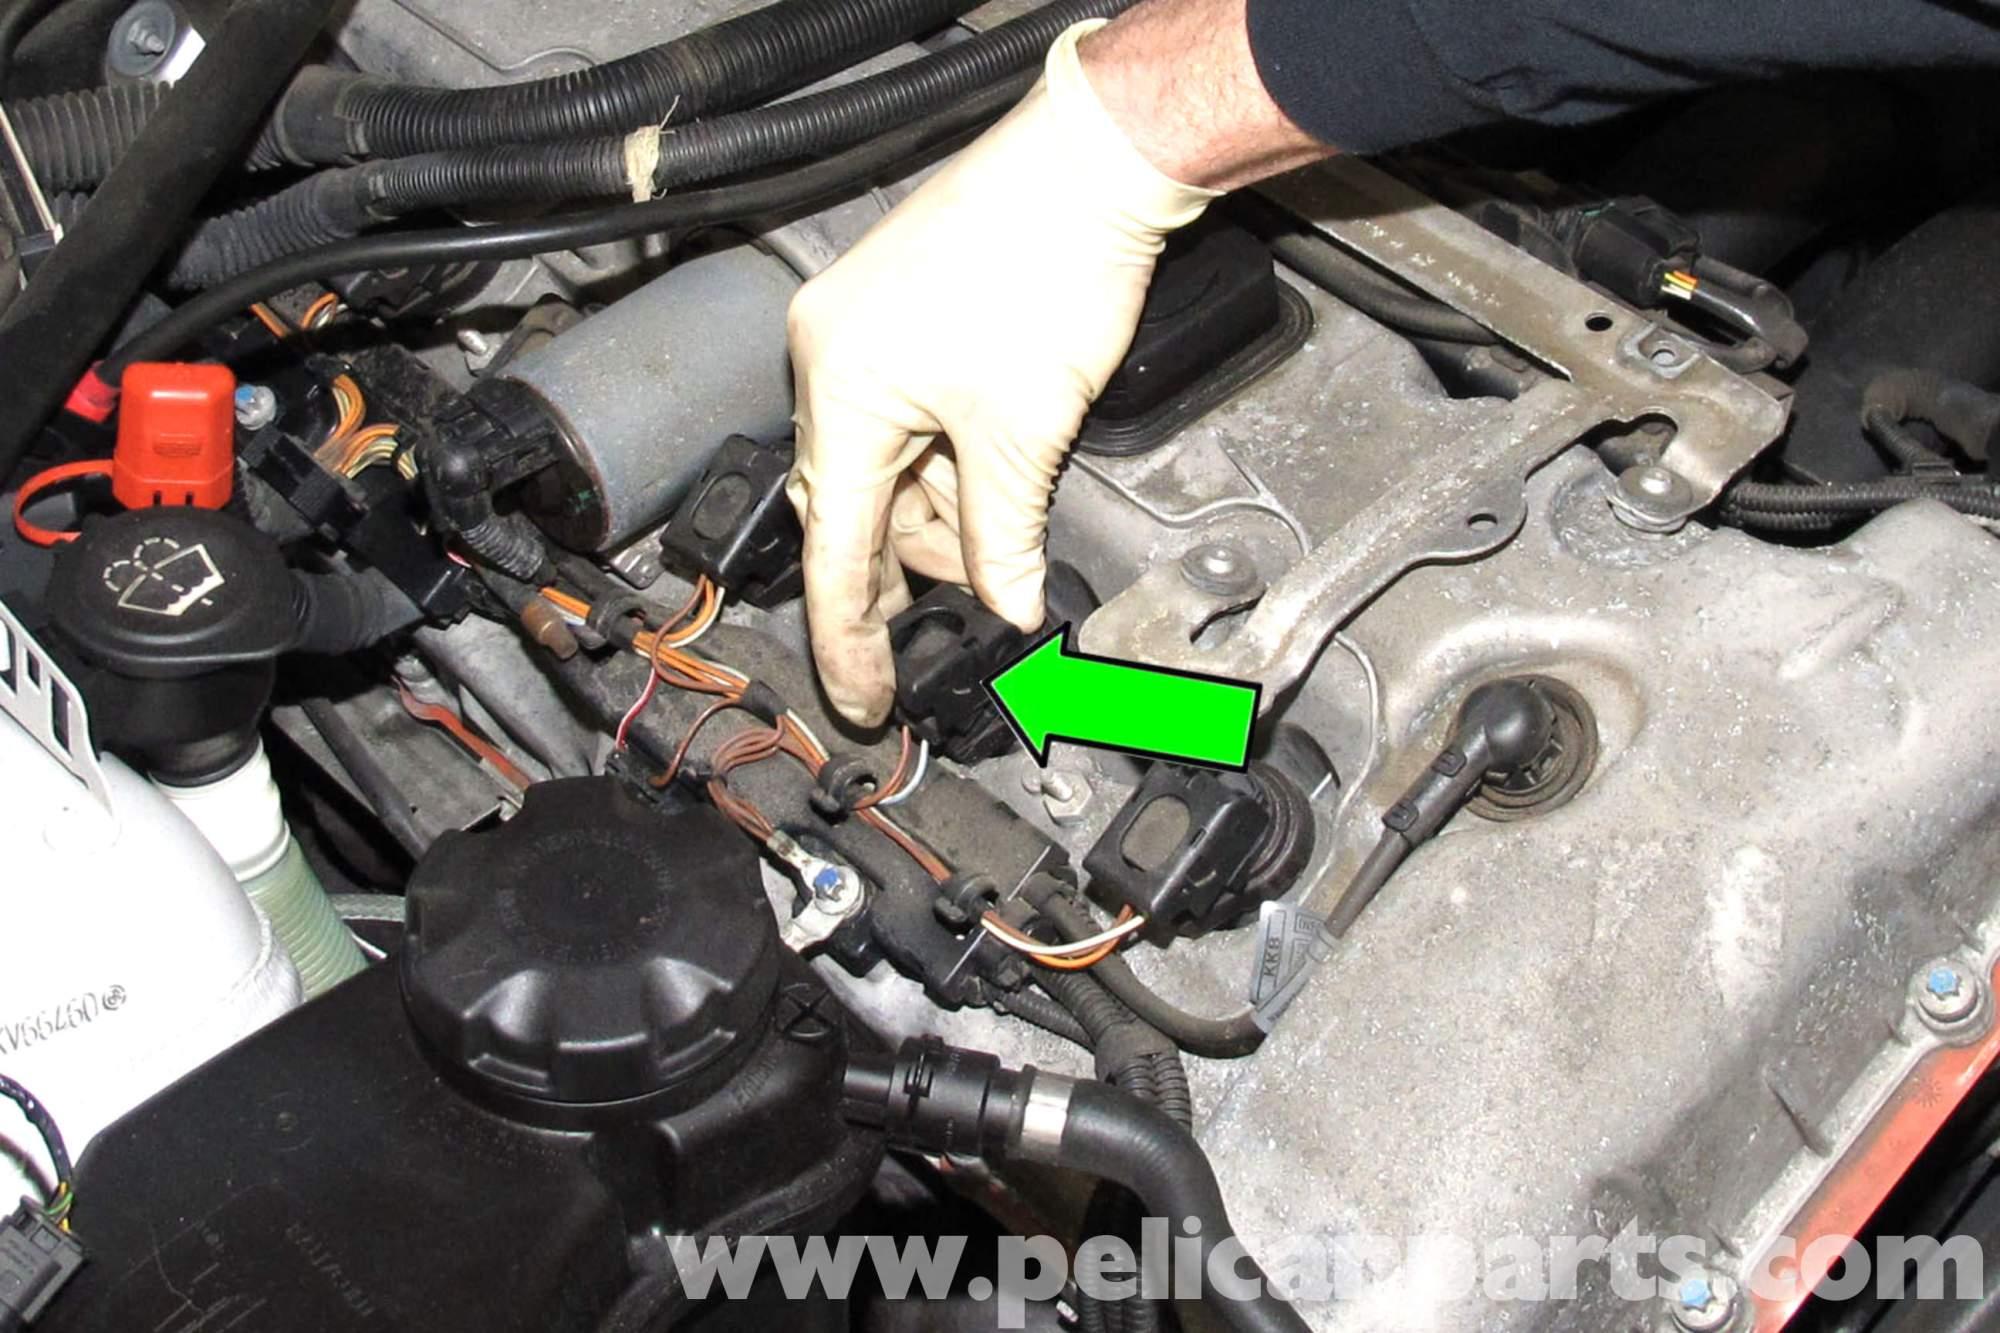 hight resolution of bmw e90 valvetronic motor replacement e91 e92 e93 bmw e46 emissions diagram 1988 bmw 325i convertible